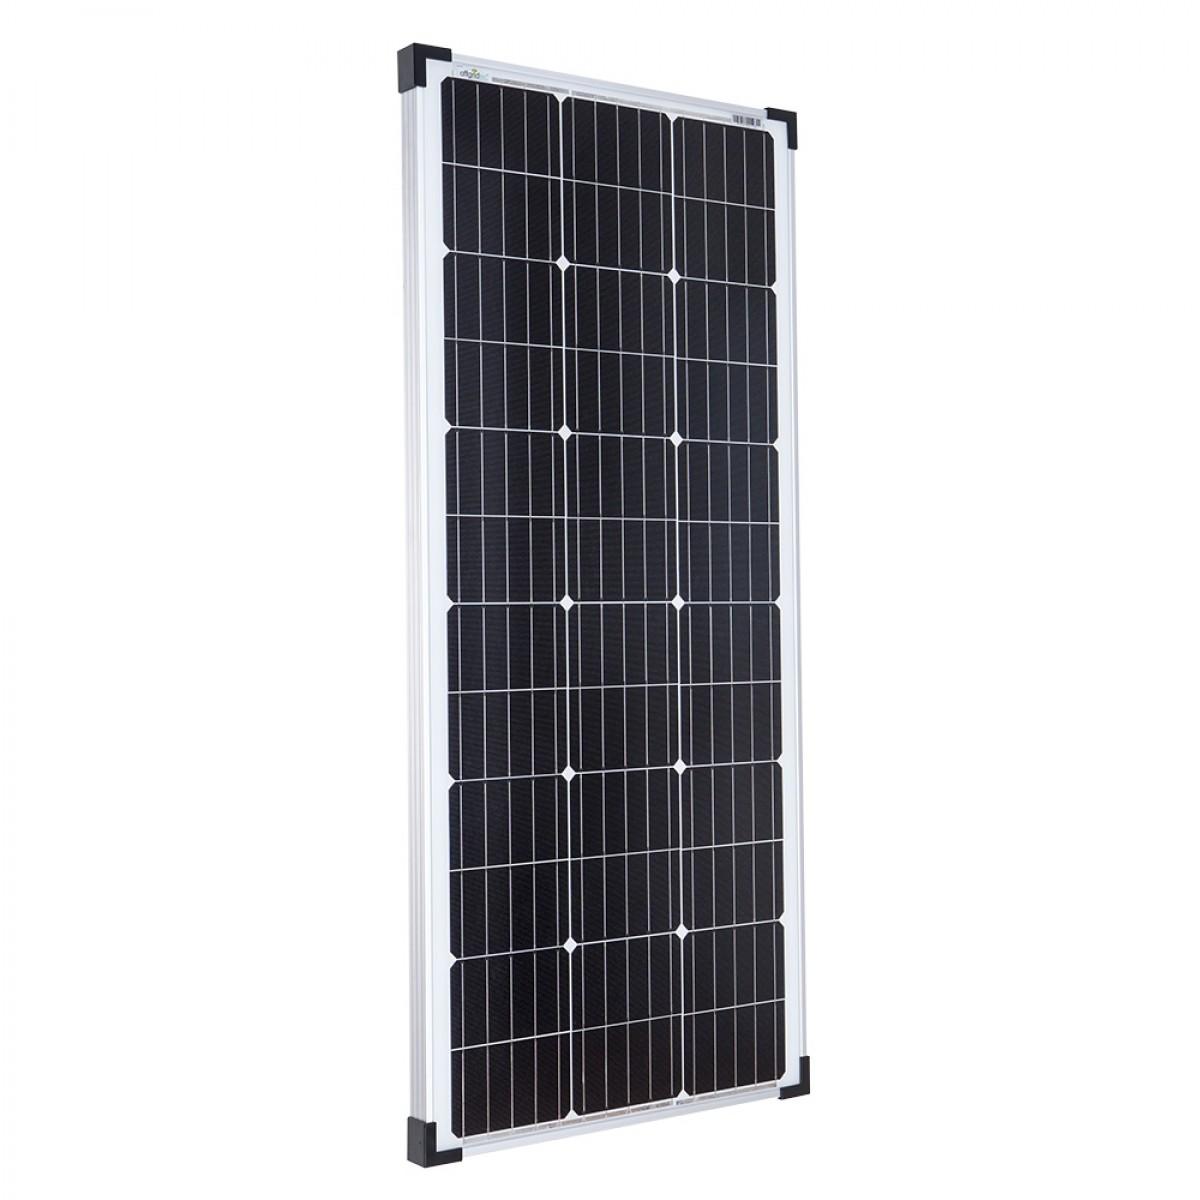 Offgridtec Solarmodul 100Wp 2